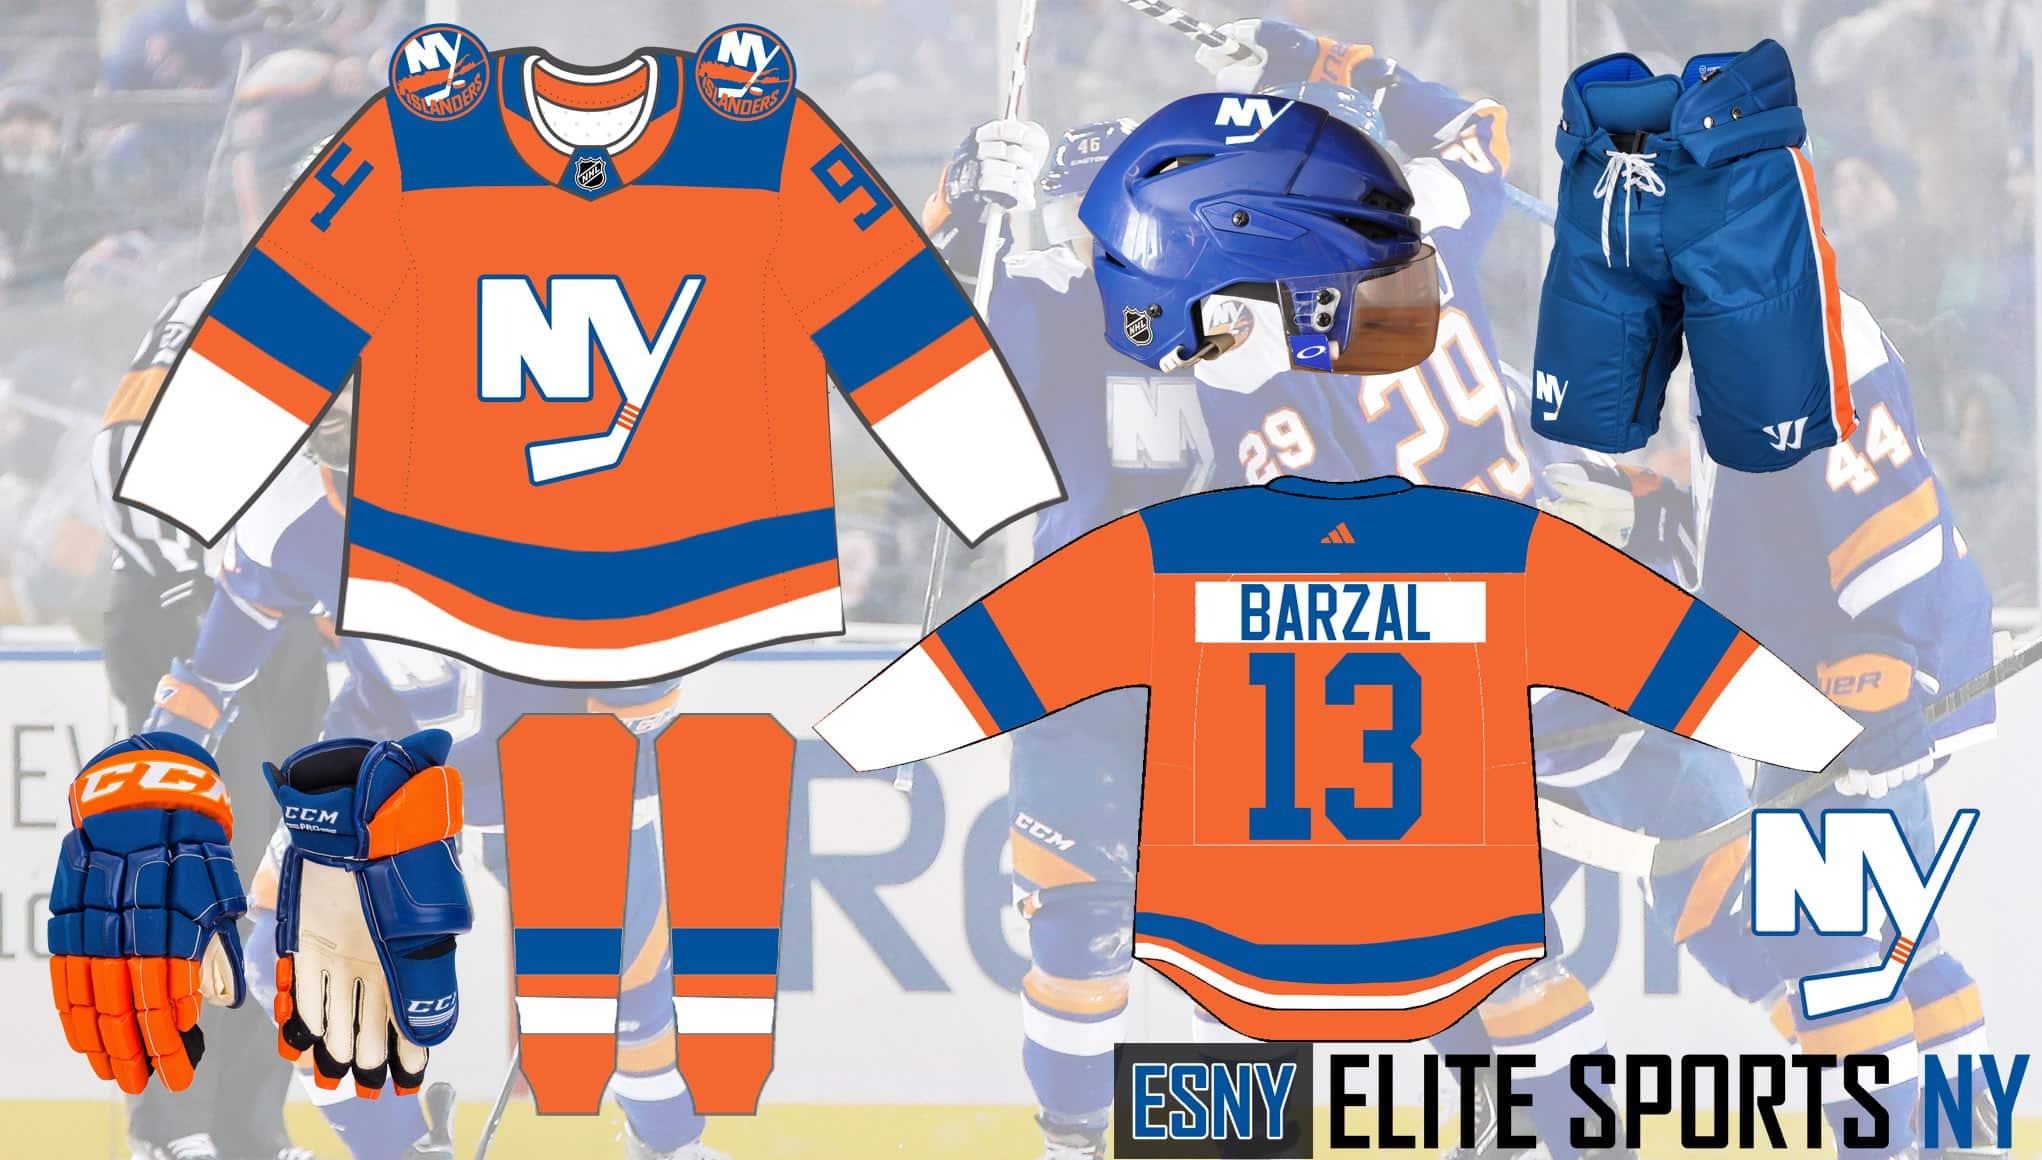 brooklyn alternate jersey